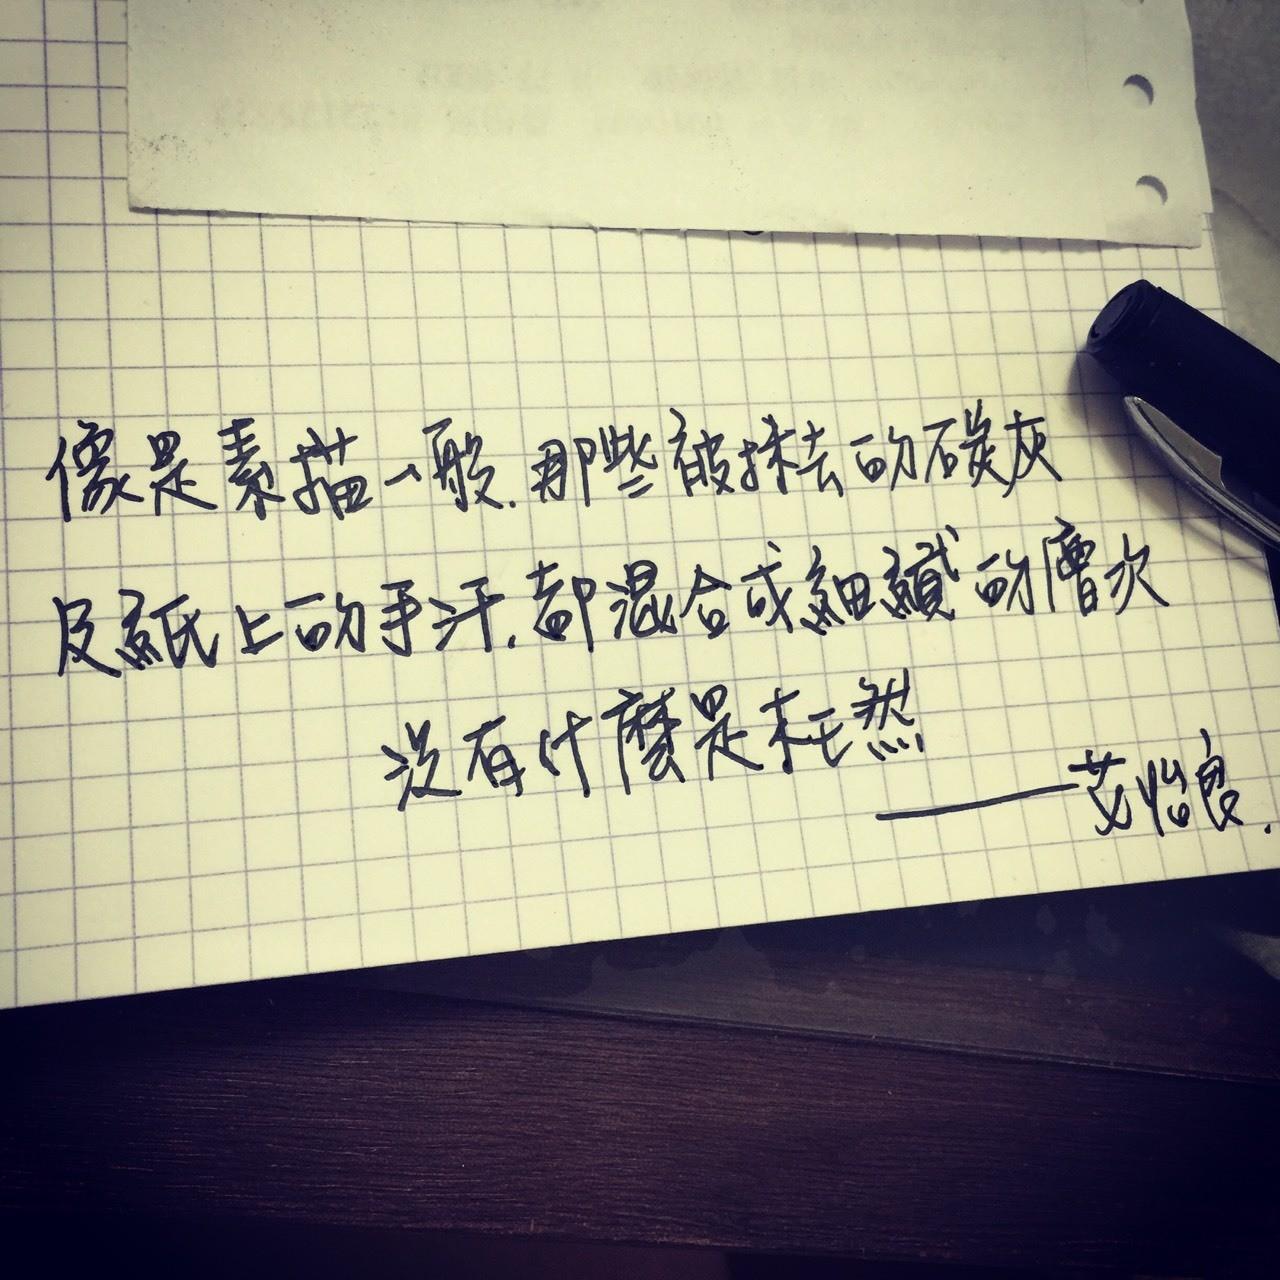 下雨天 寫字天 練練字 重新拾起 手寫的溫度 #練字 #寫字 #寫 #手寫的溫度 #艾怡良